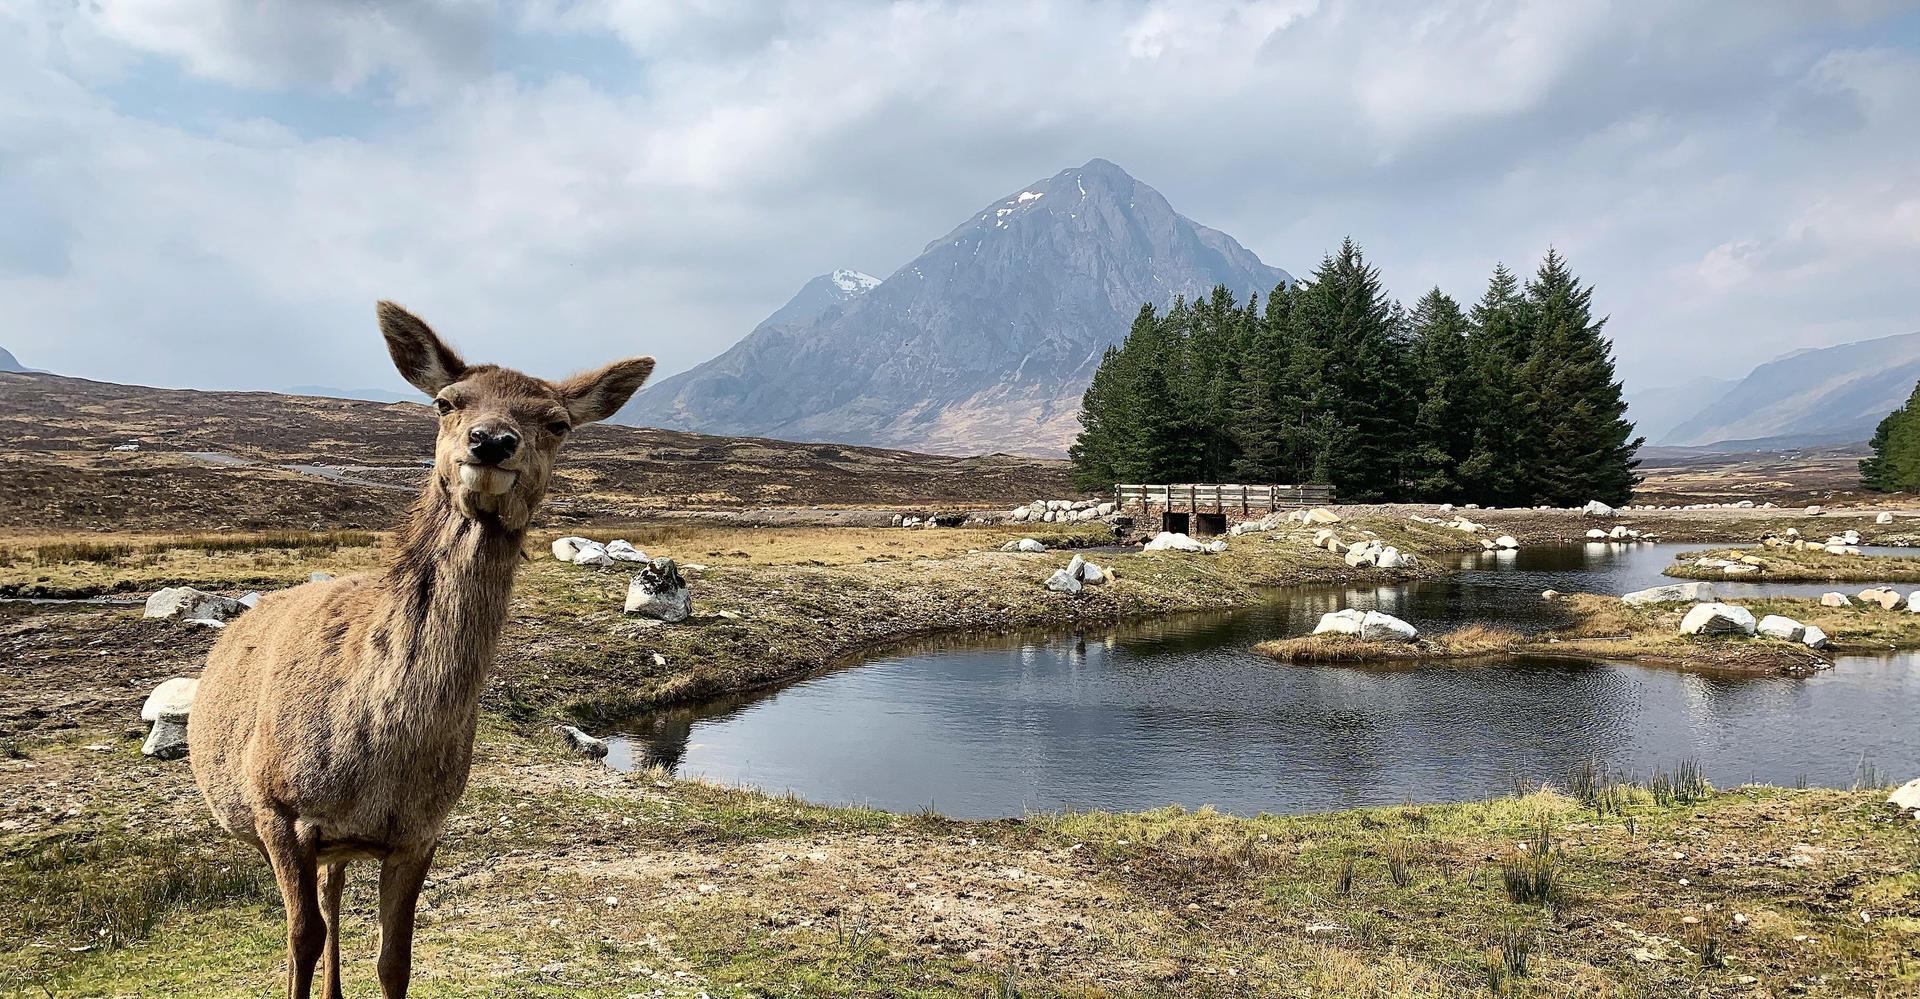 Deer and Buachille Etive More, Glencoe